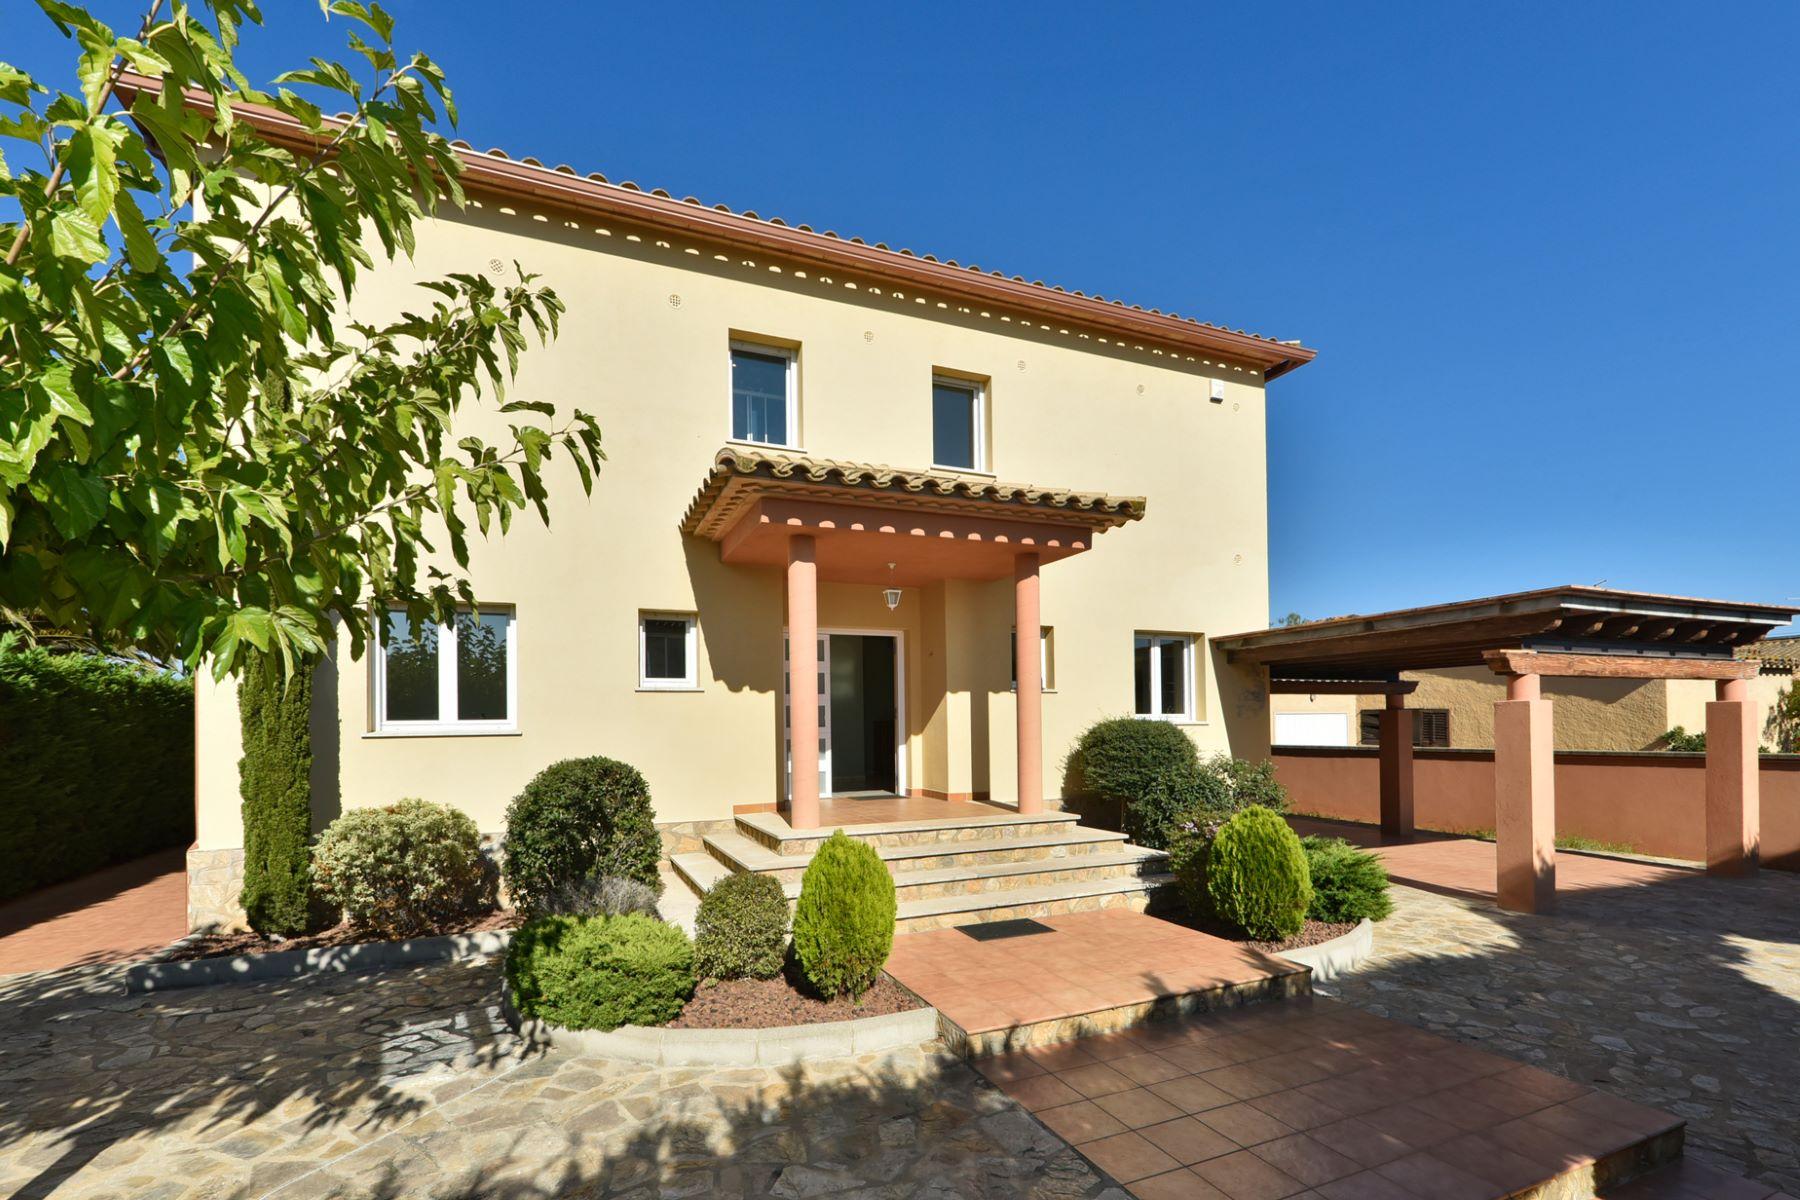 Casa Unifamiliar por un Venta en Beautiful house in a quiet and exclusive residential area L Escala, Costa Brava, 17130 España